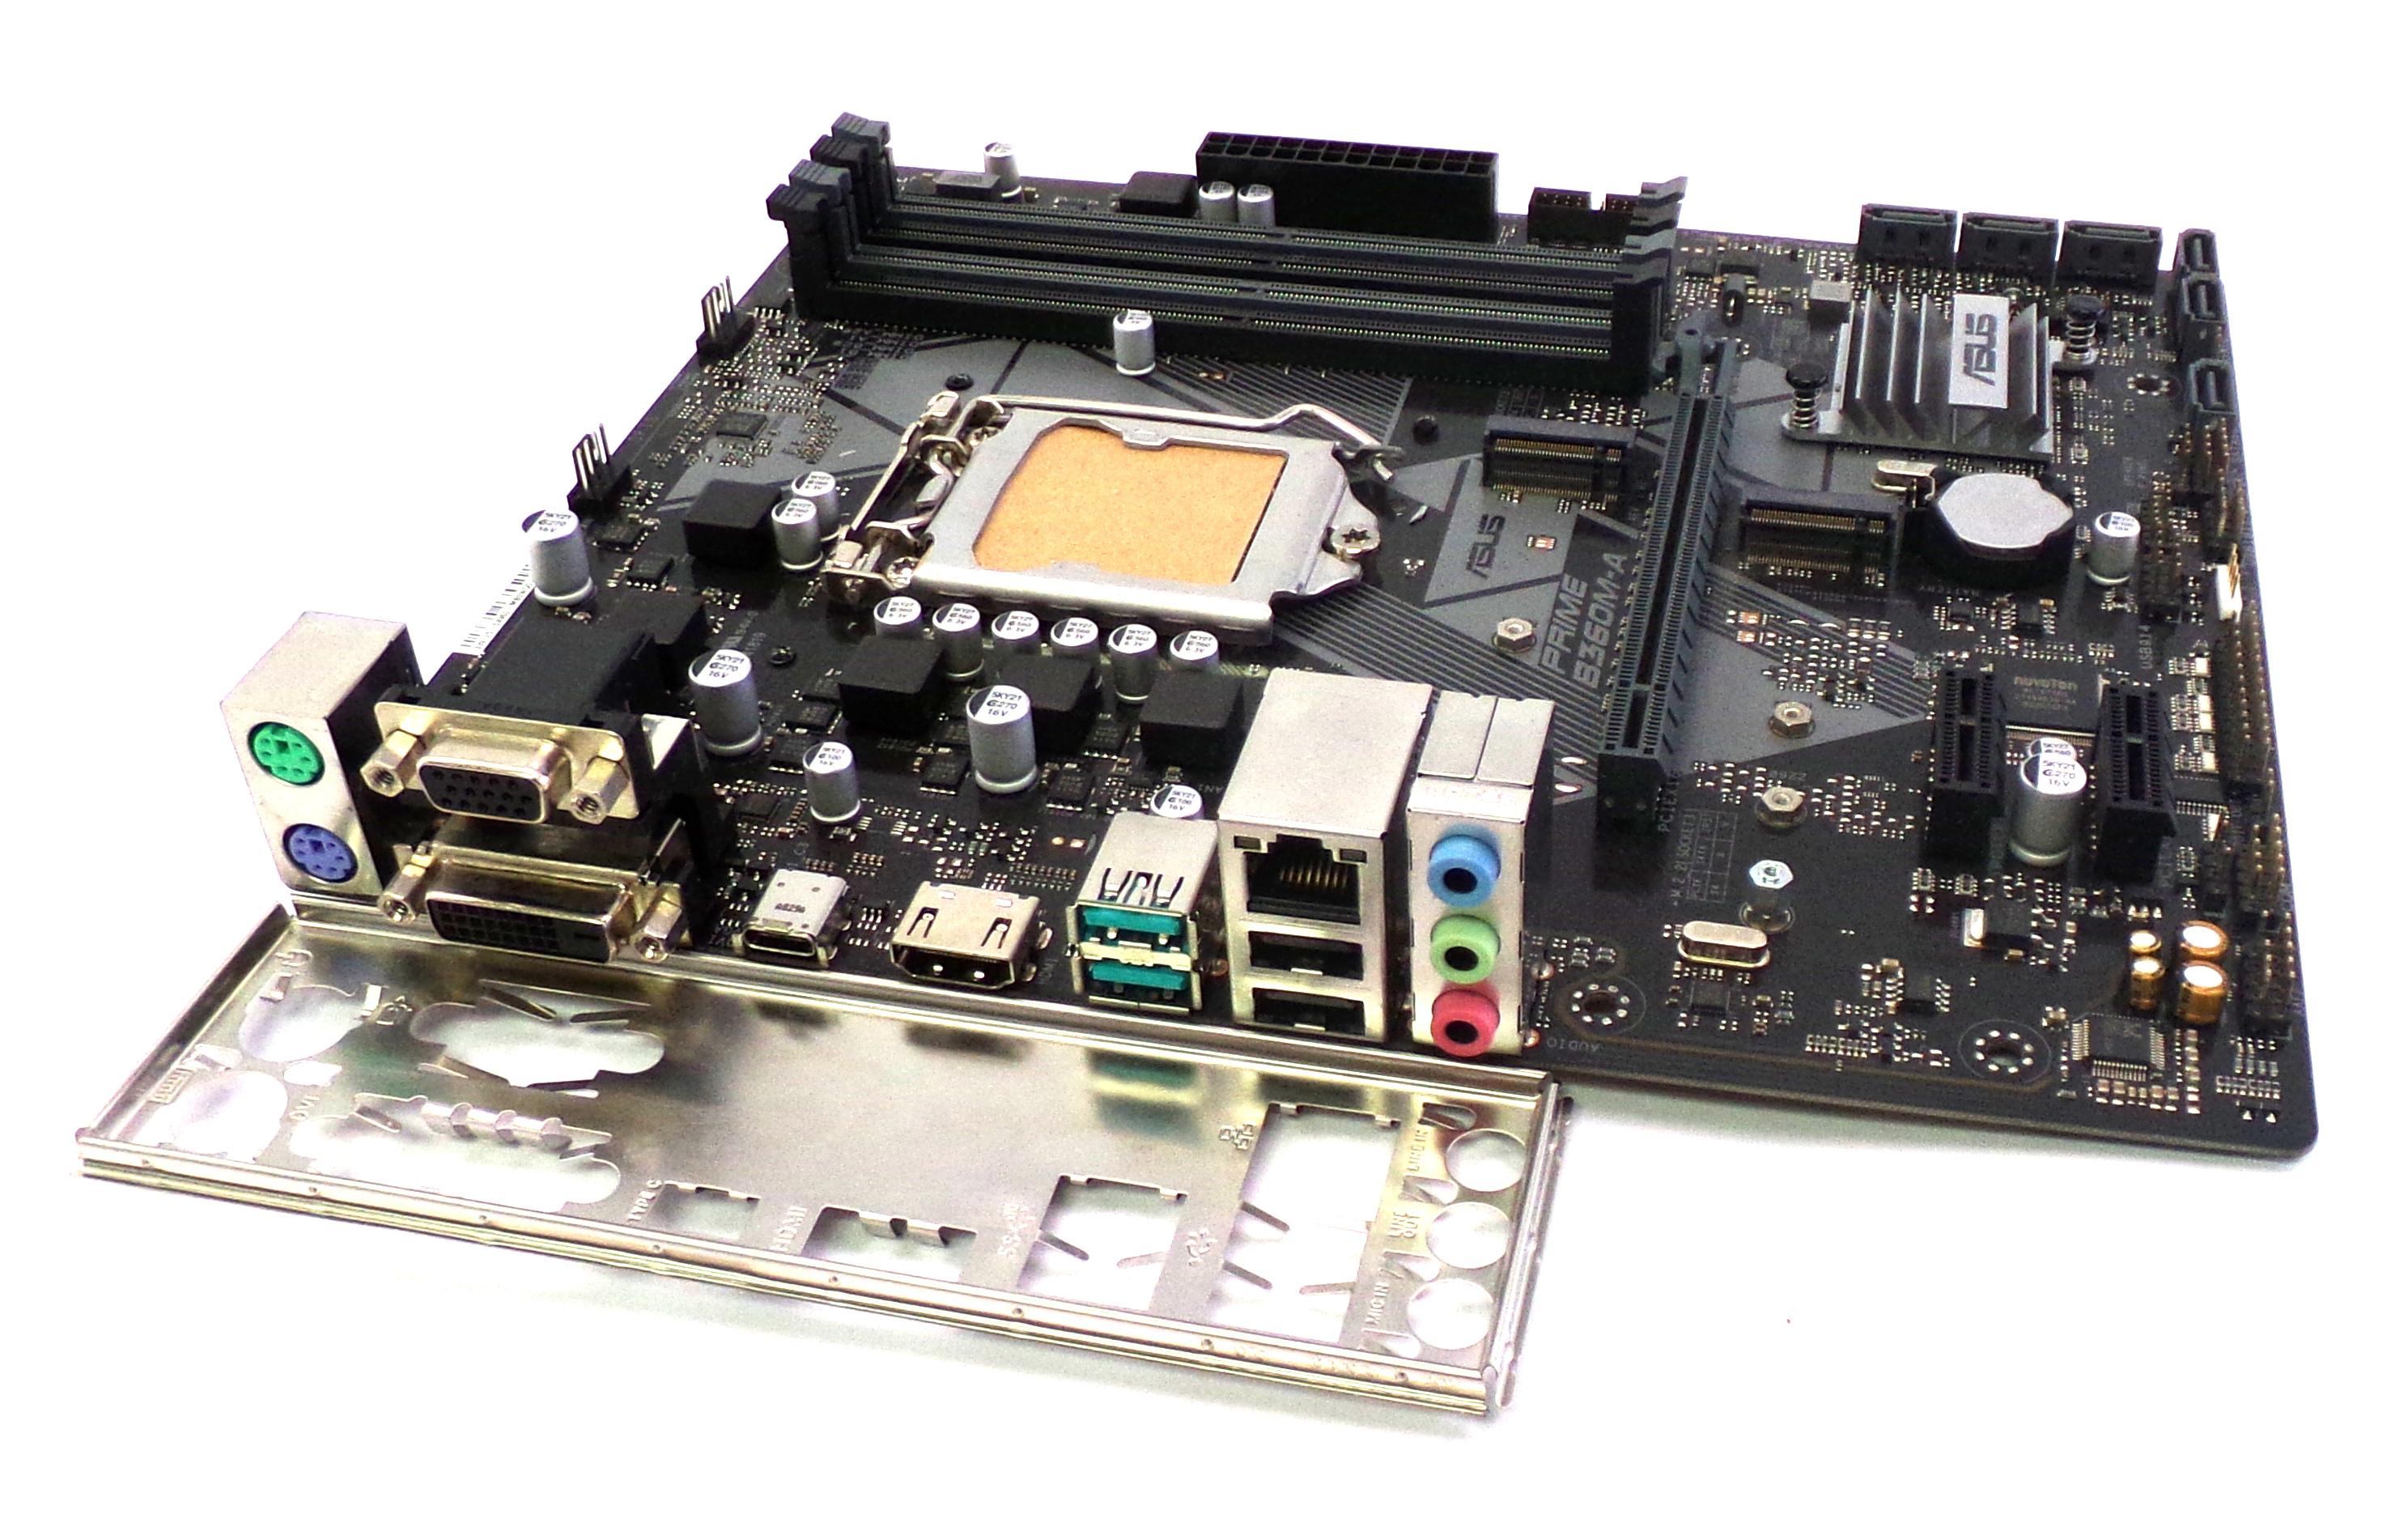 Asus PRIME B360M-A Intel LGA-1151 DDR4 VGA DVI HDMI USB 3.1 Gen2 Motherboard